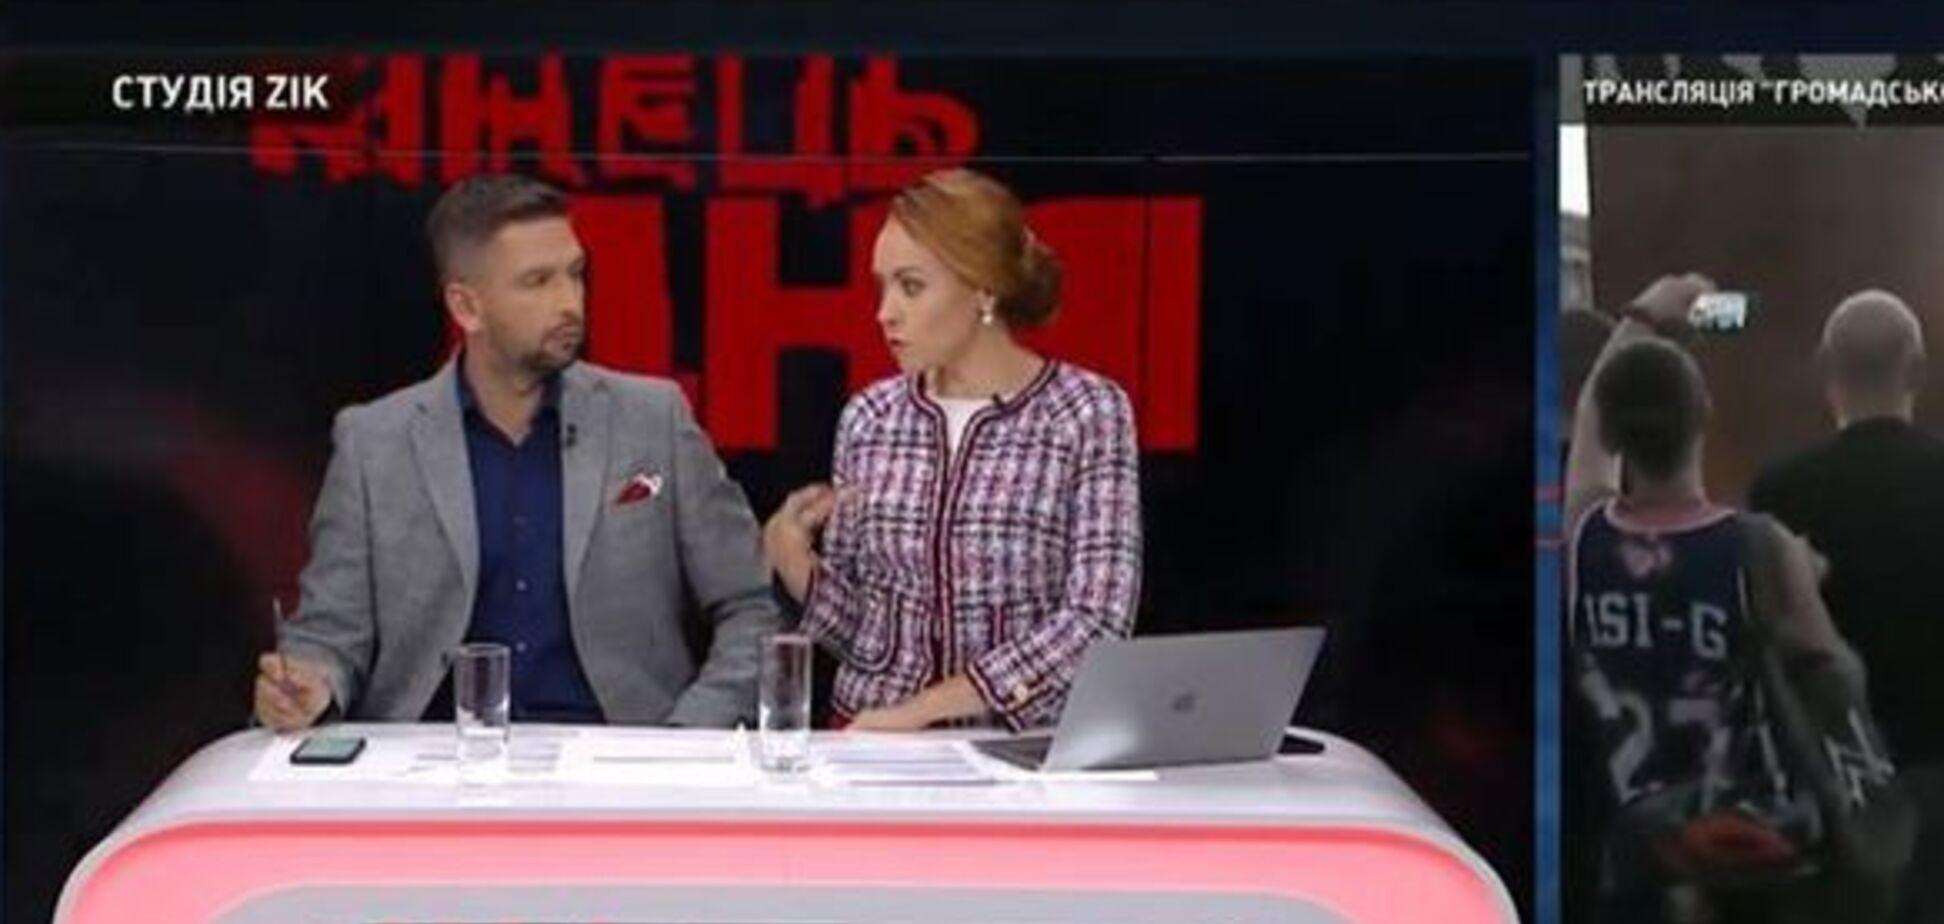 Журналіст влаштував демарш у прямому ефірі каналу соратника Медведчука: що трапилося